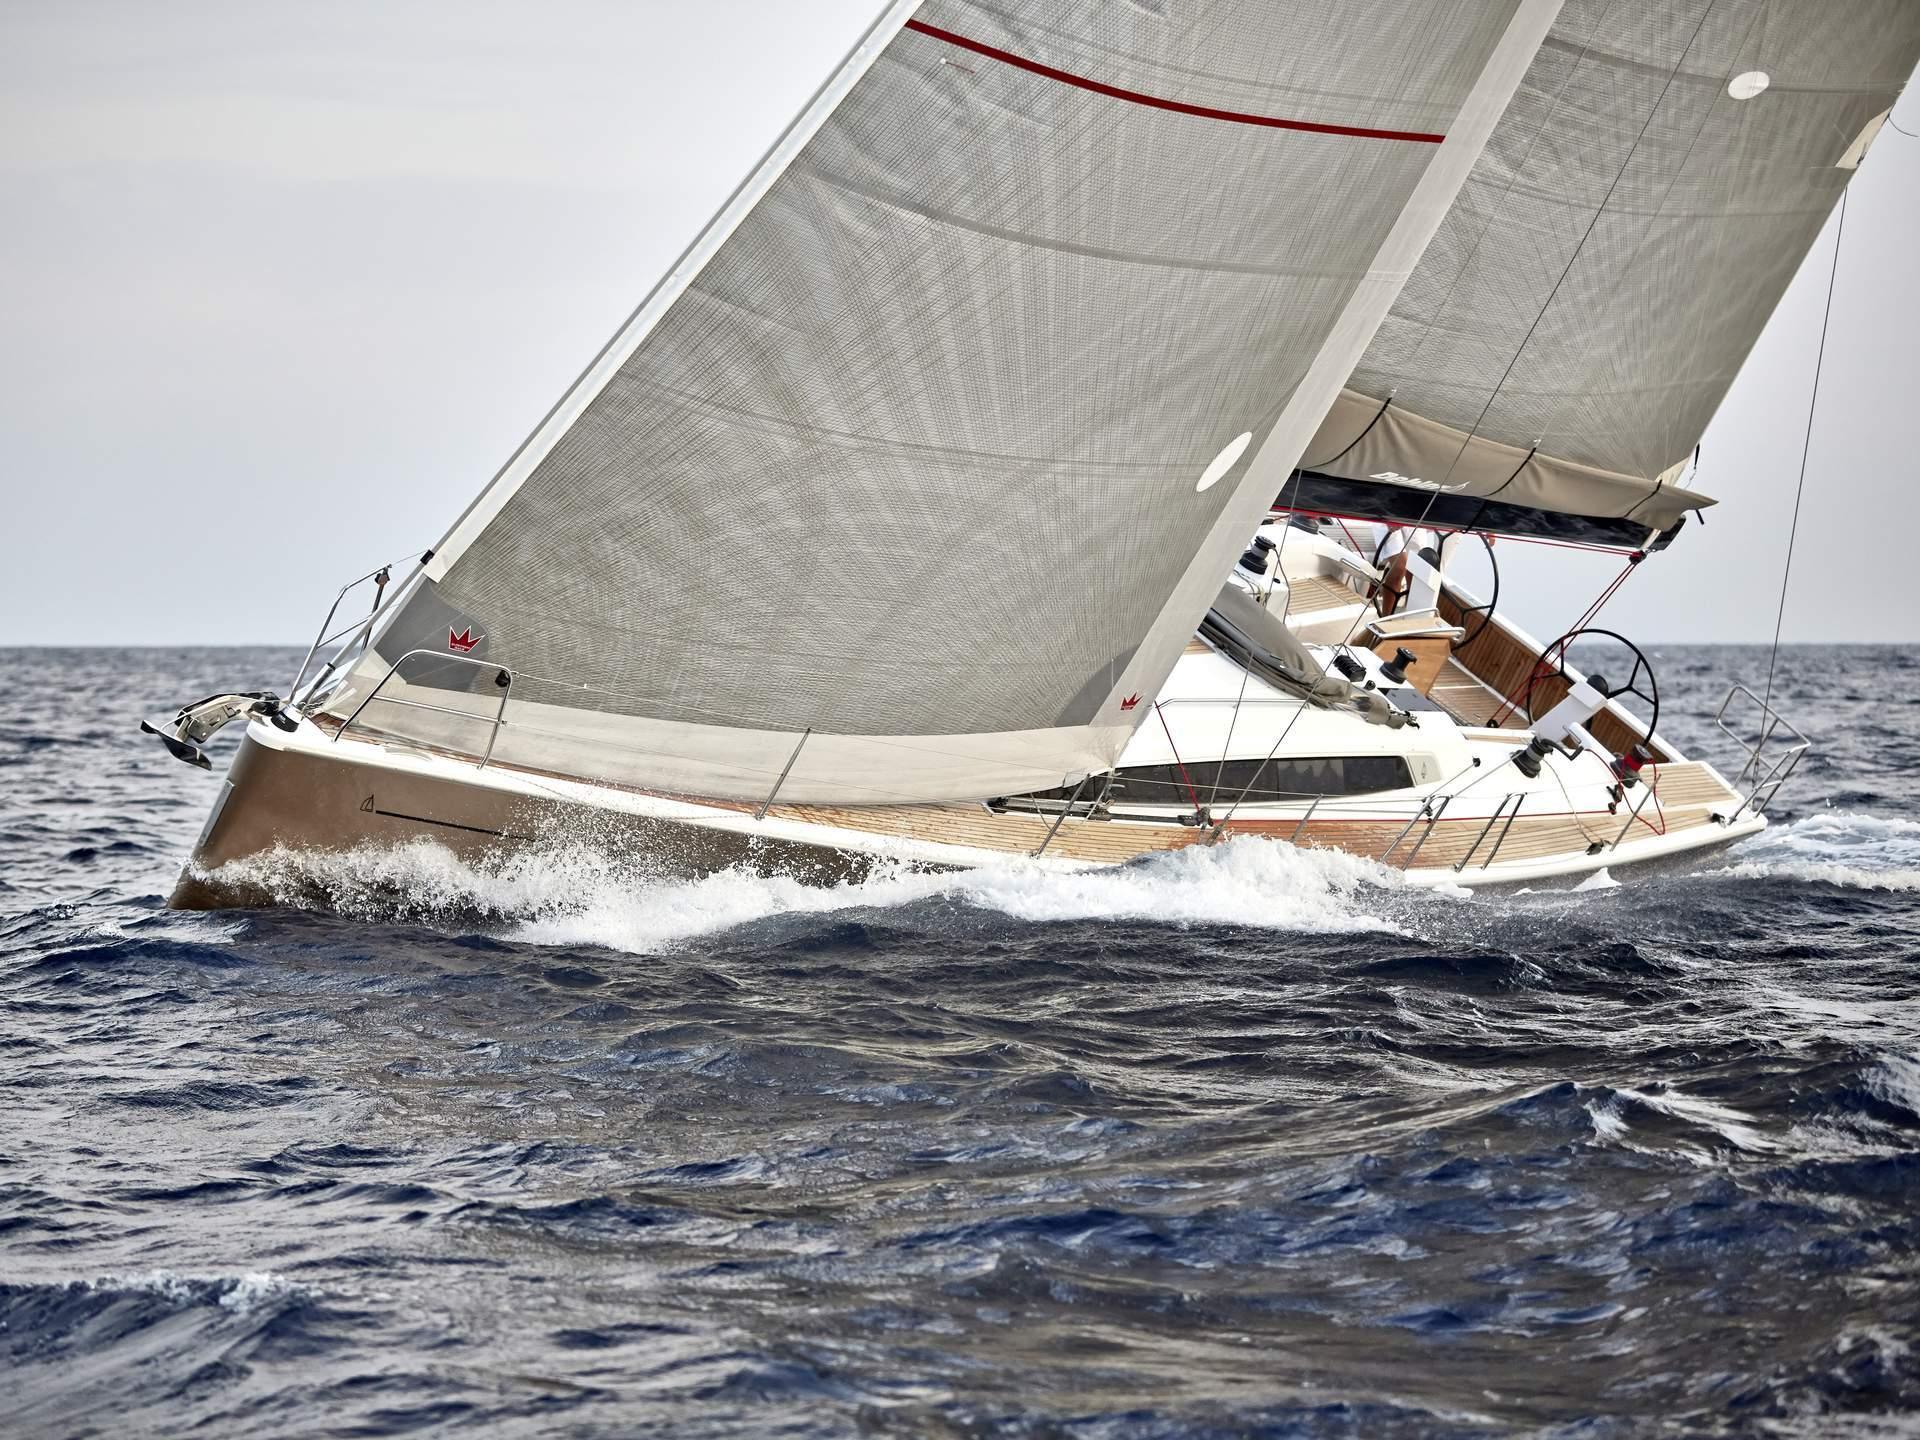 bateau en nav